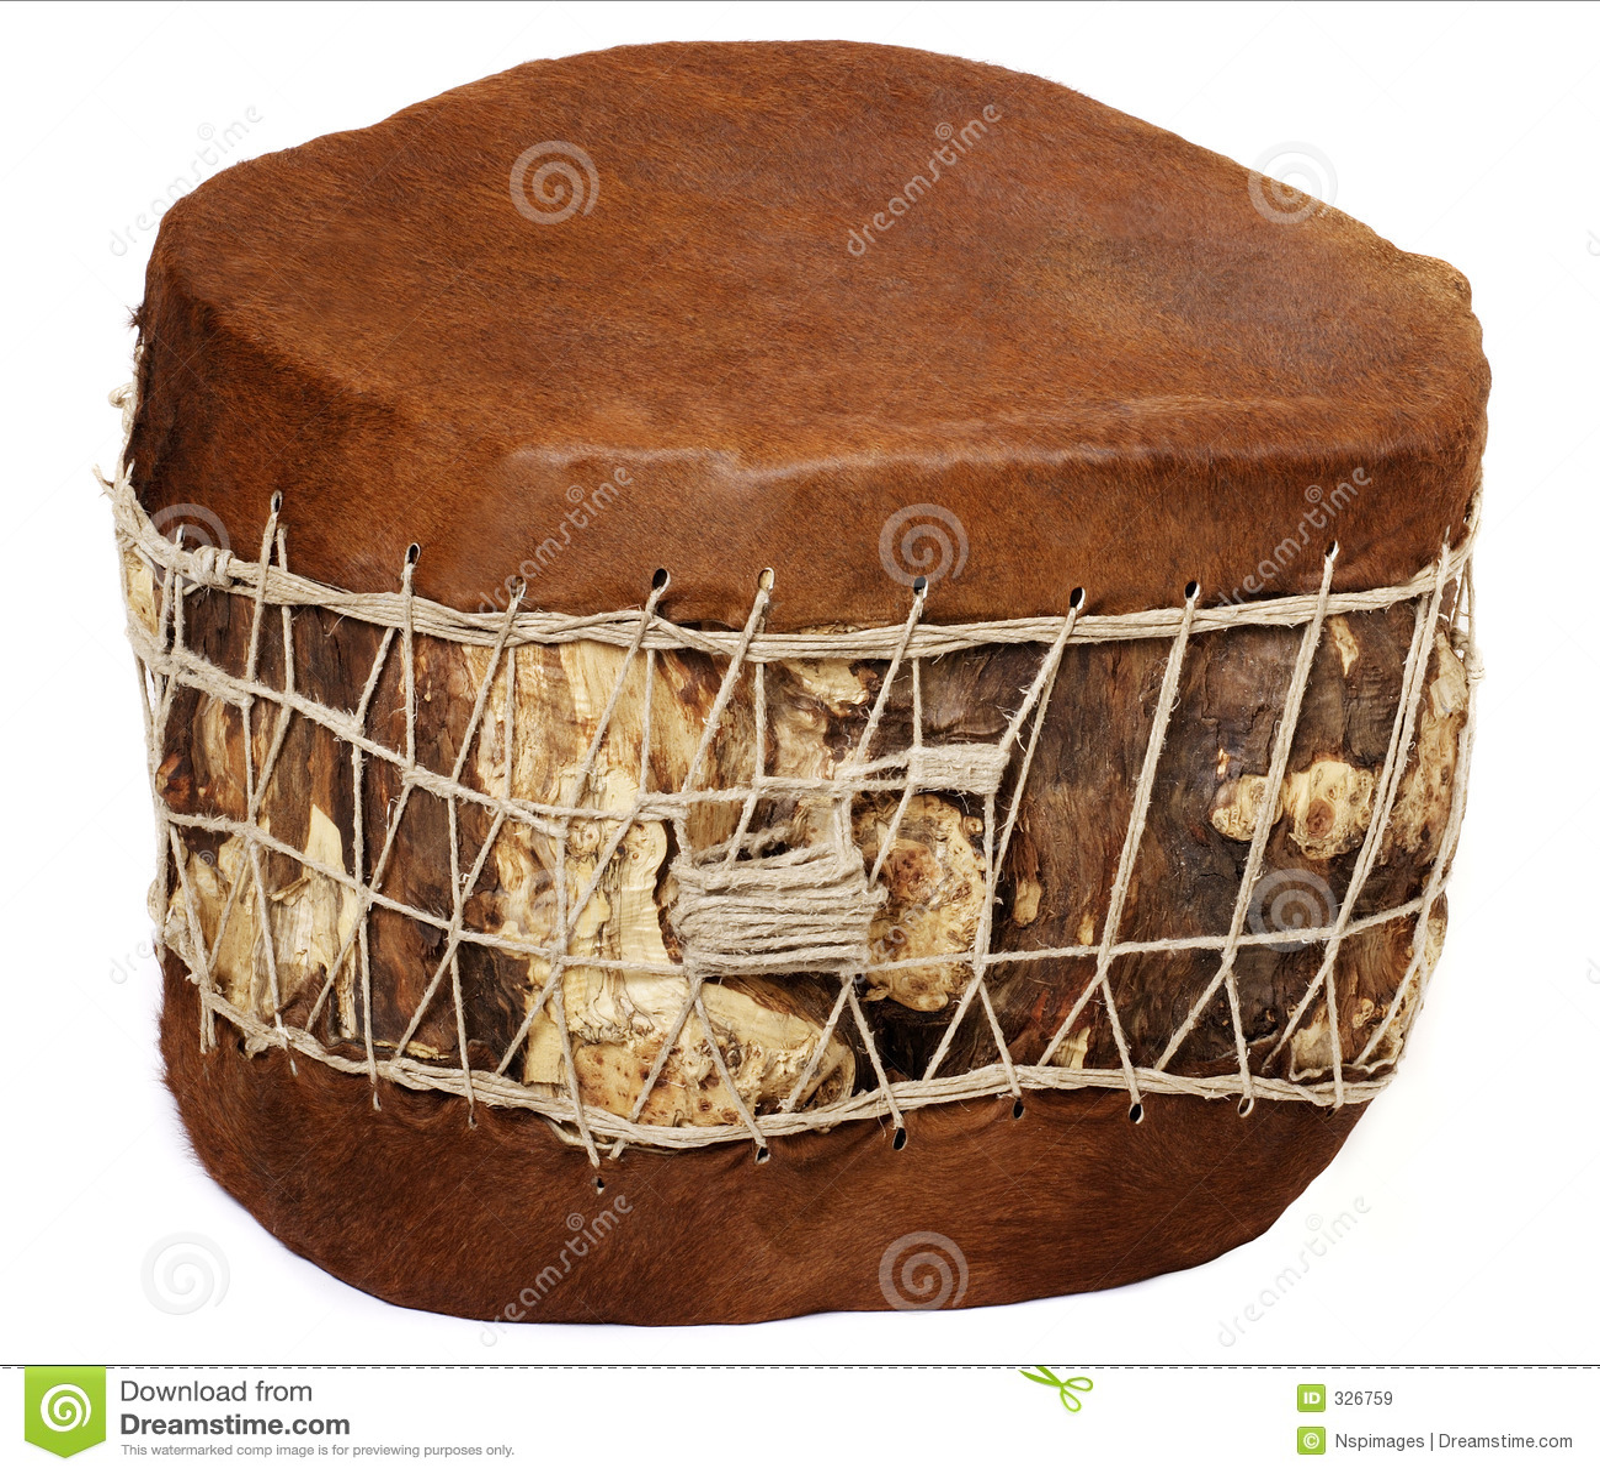 Huge bass drum stock image  Image of beat, bang, animal - 326759